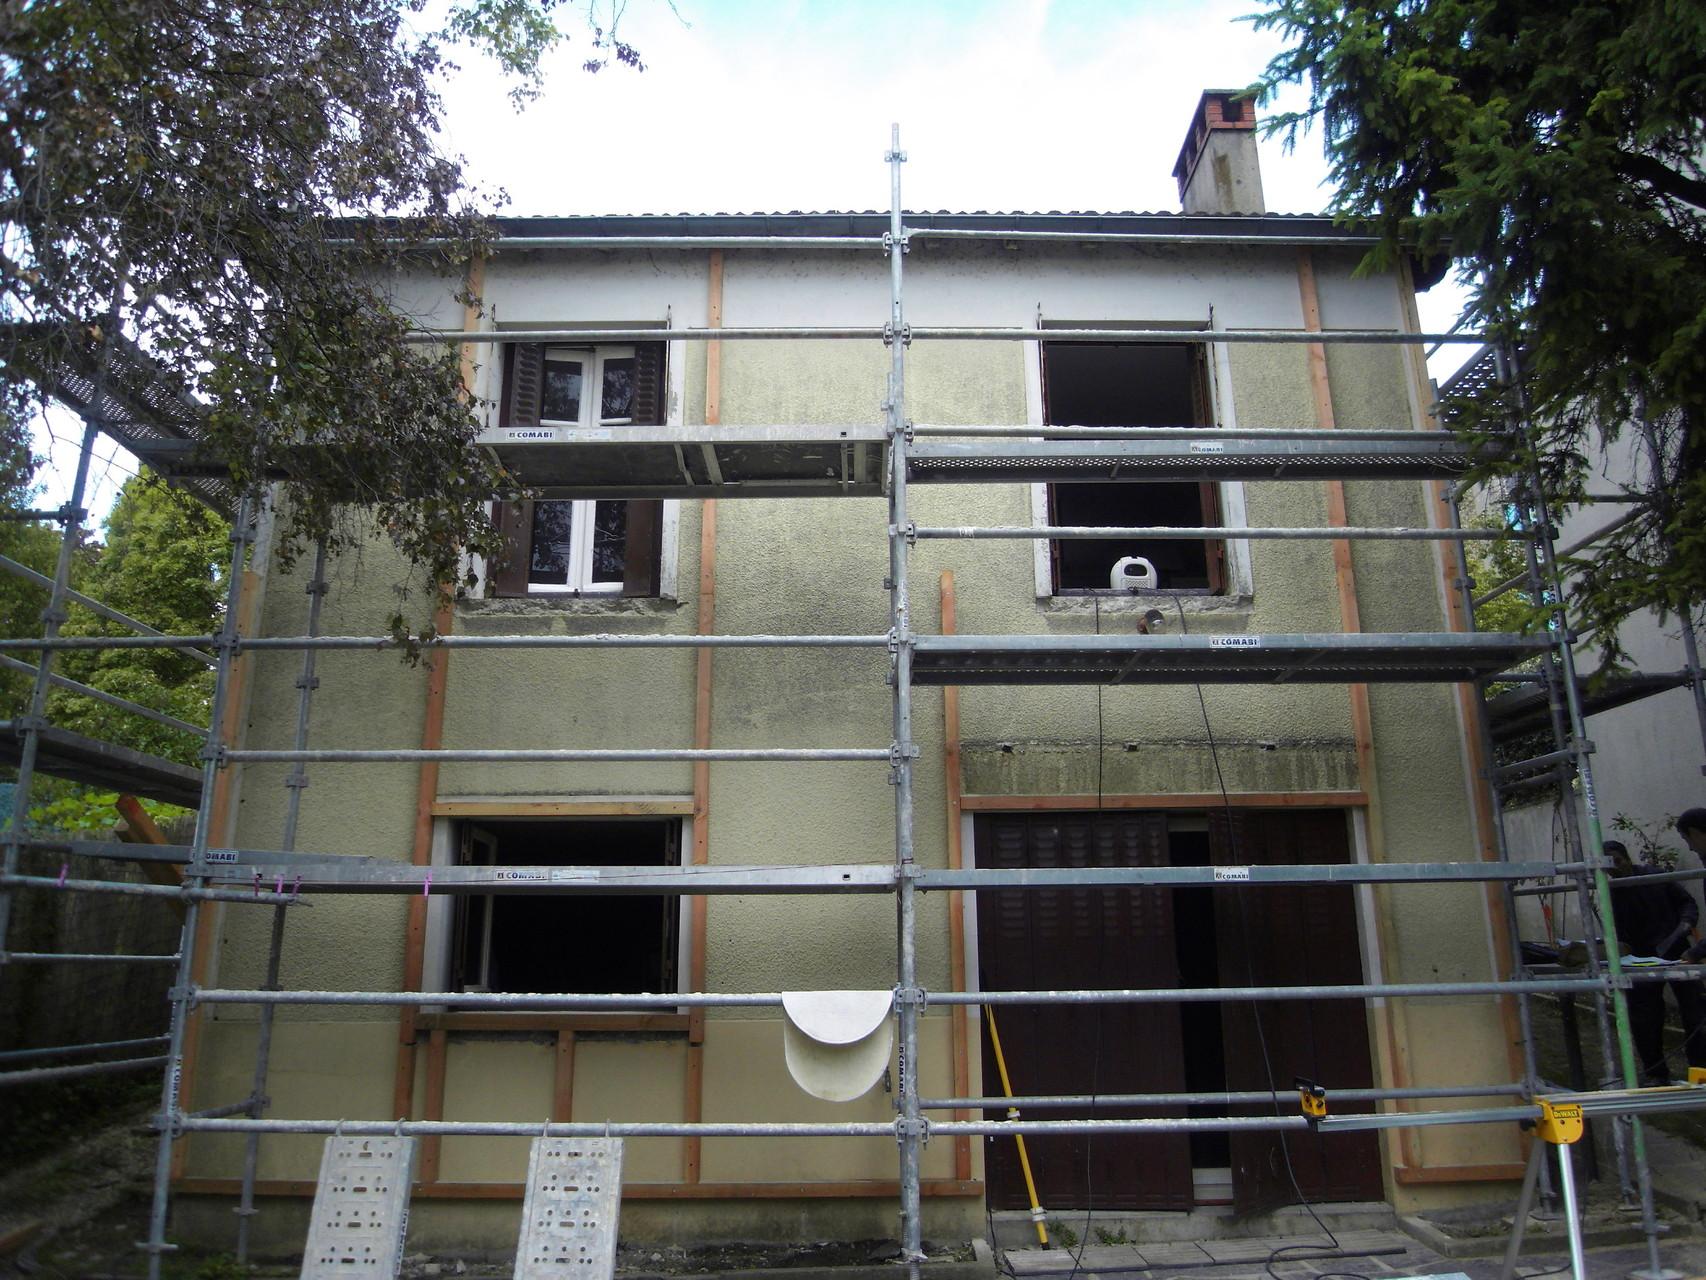 après piochage des appuis des fenêtre, pose de l'ossature bois qui permet de rattrapper les différences de niveau (sous-bassement, bandeaux, encadrements de fenêtres)